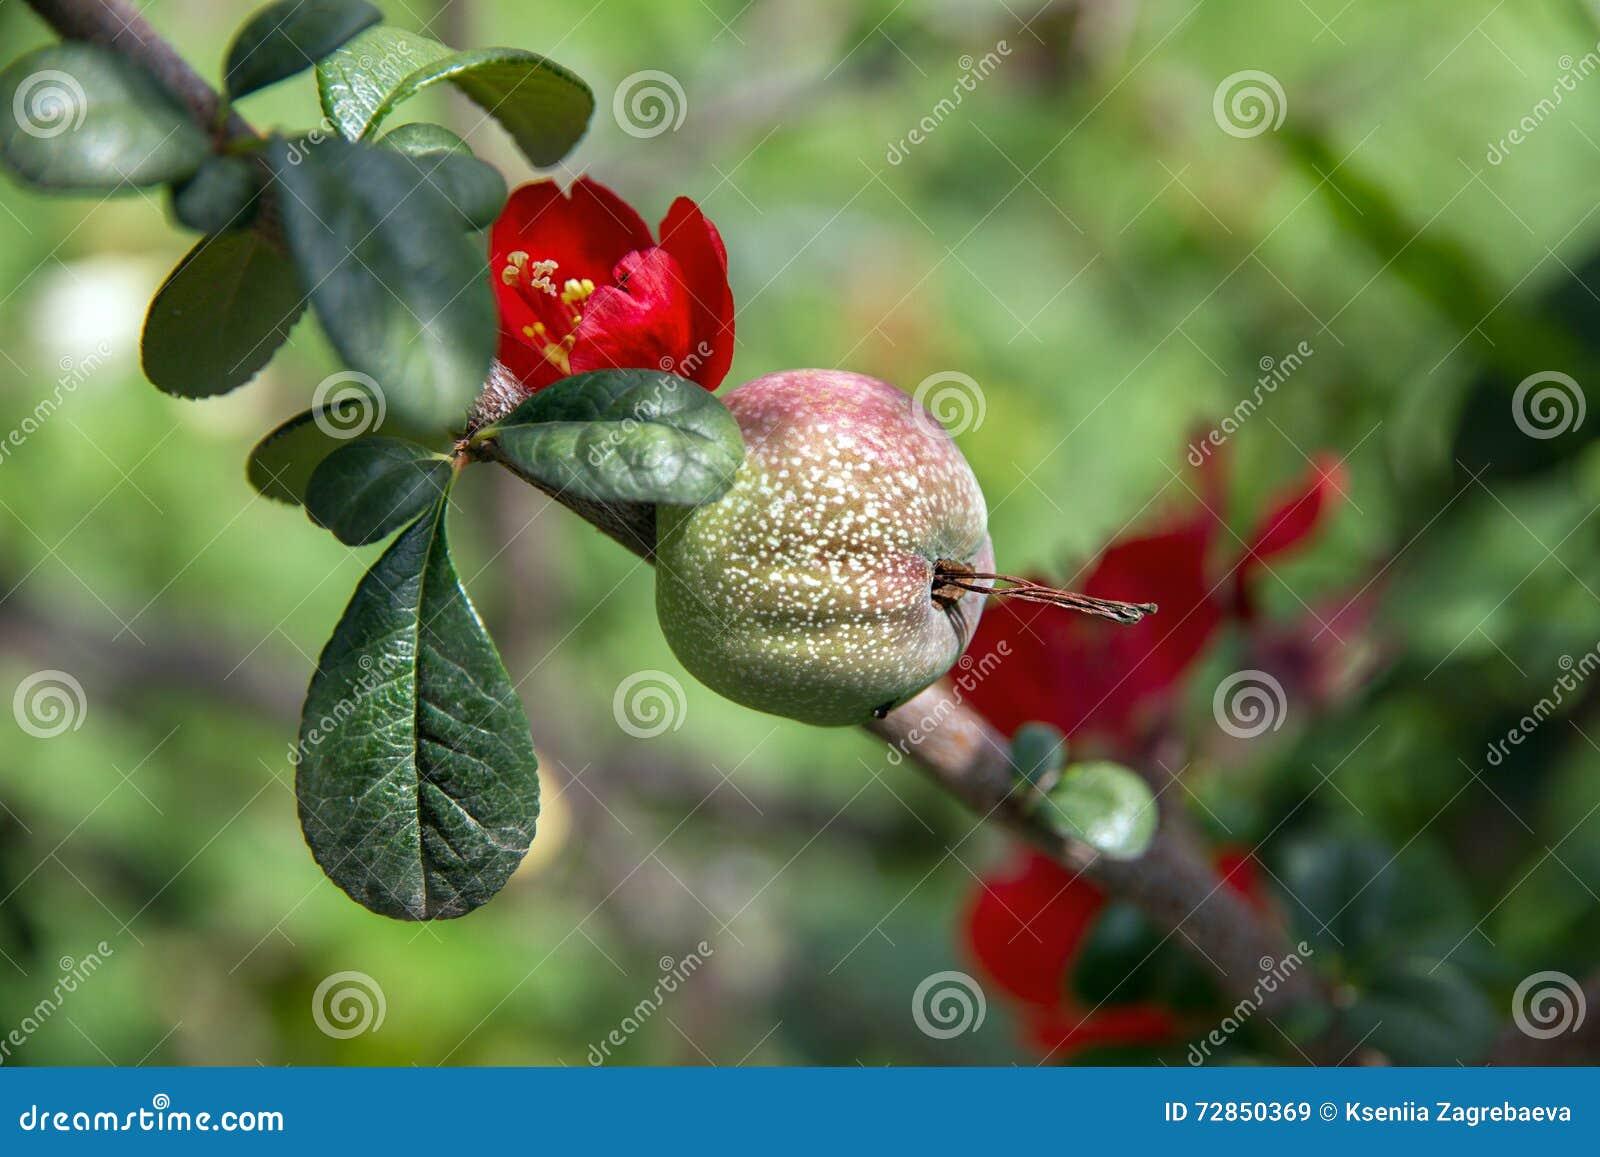 La frutta sull 39 albero con i fiori rossi immagine stock for Albero con fiori blu